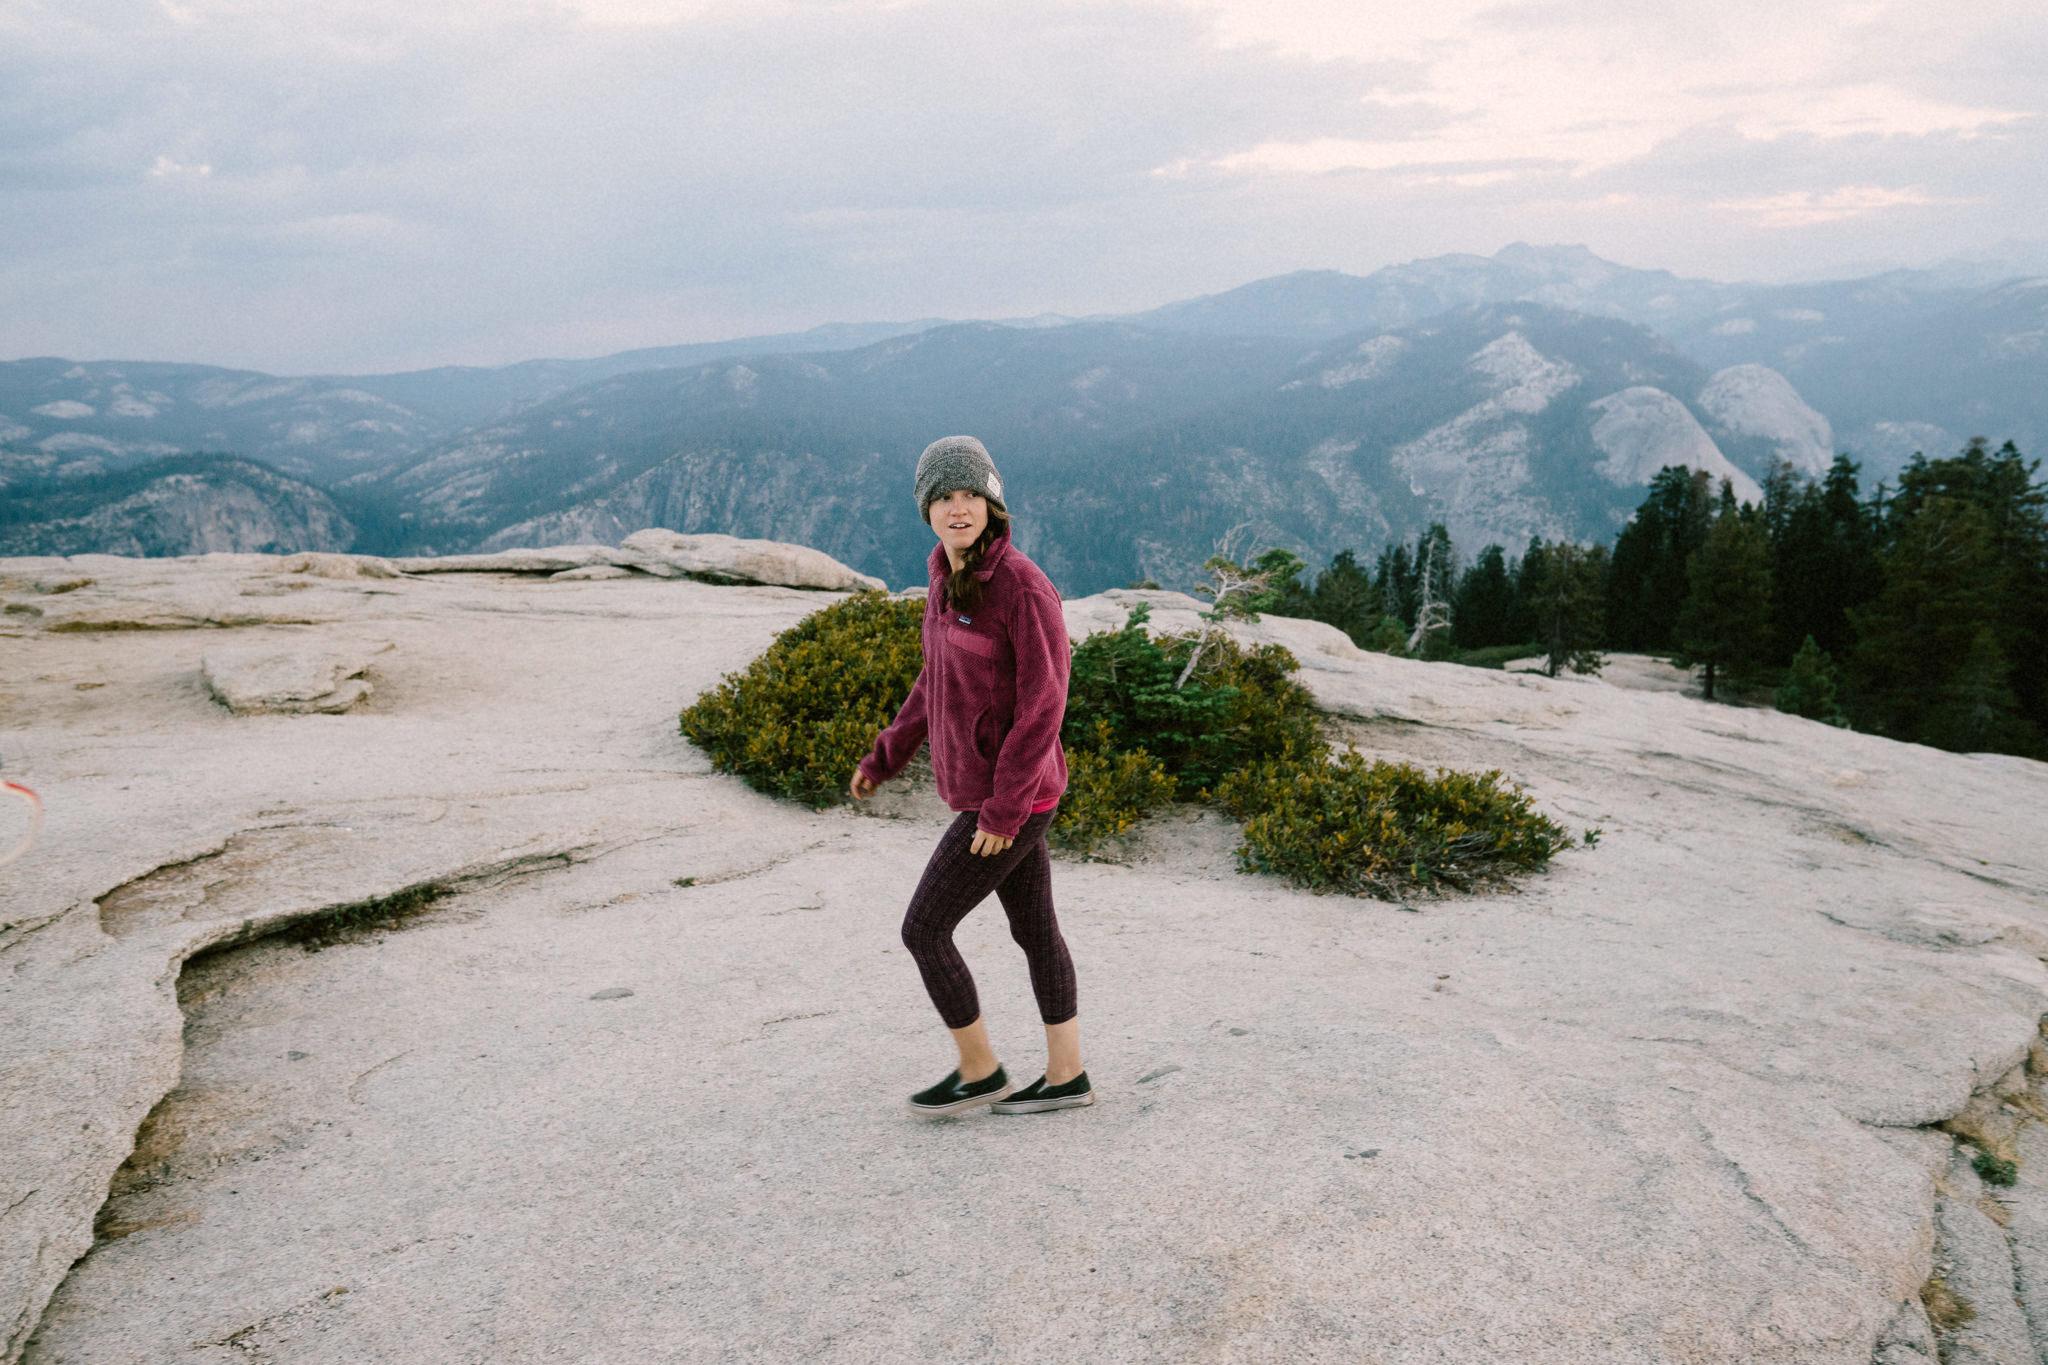 20160822_Yosemite_0345-Exposure.jpg